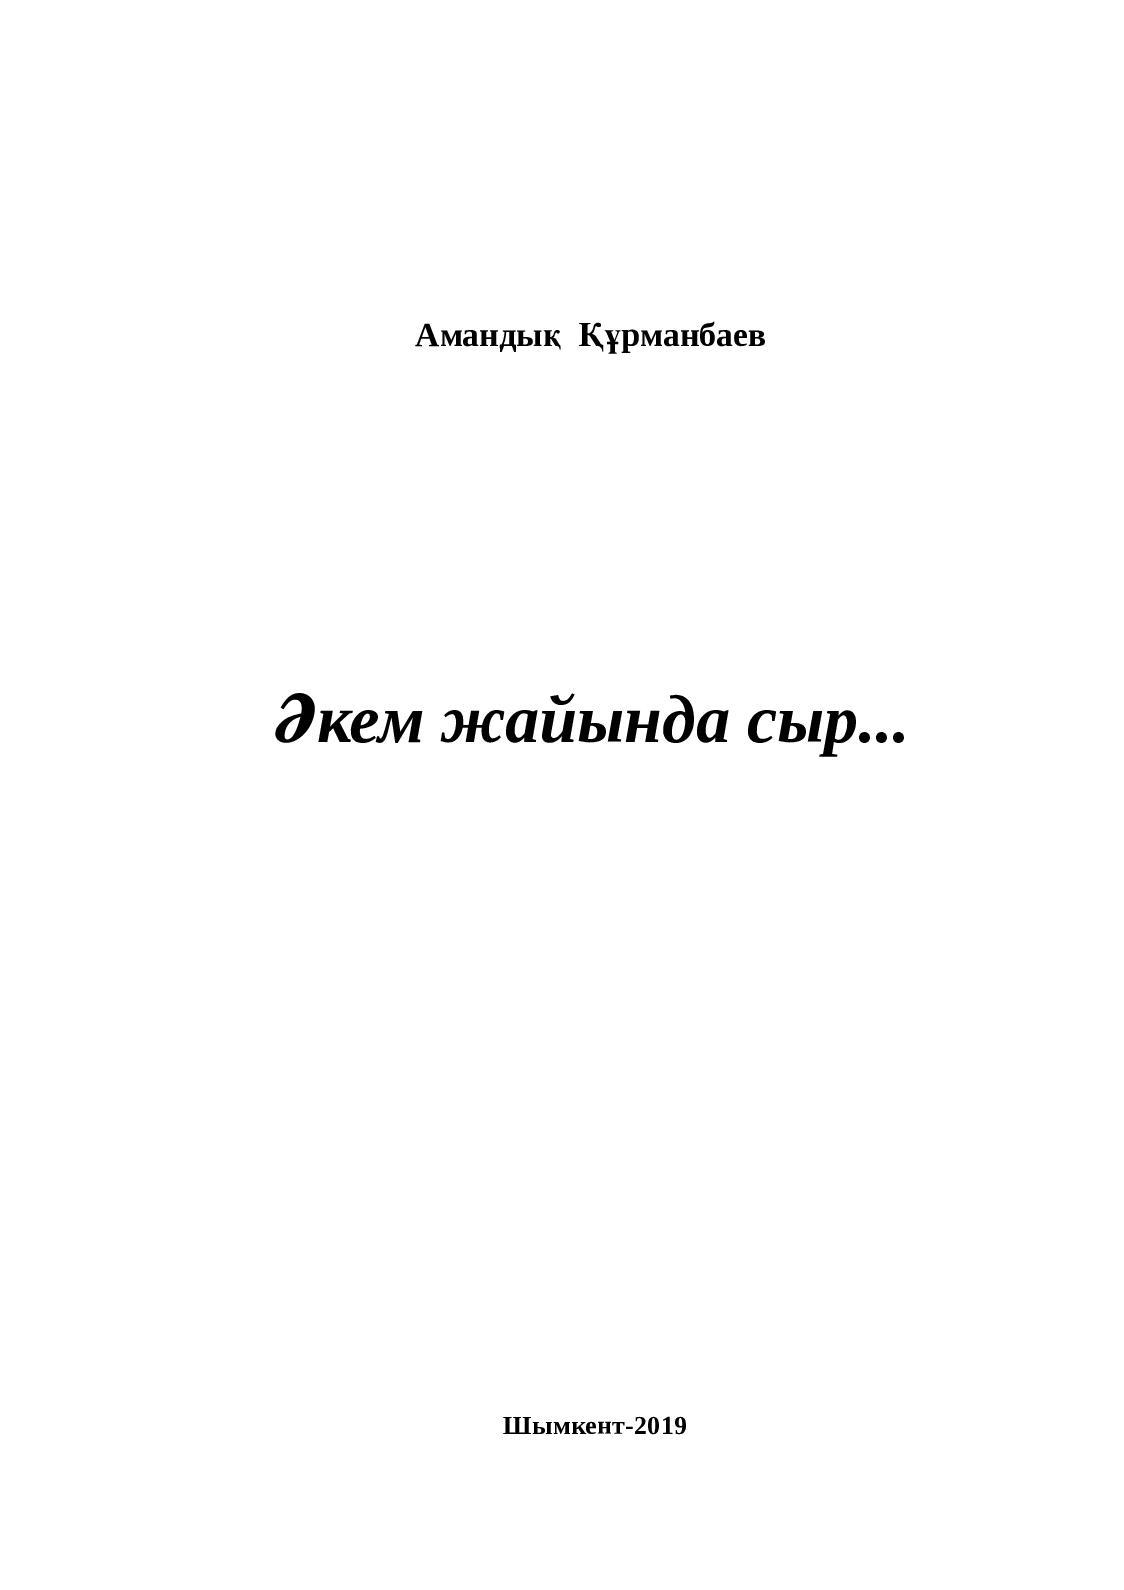 Хабаровск ойын клубы